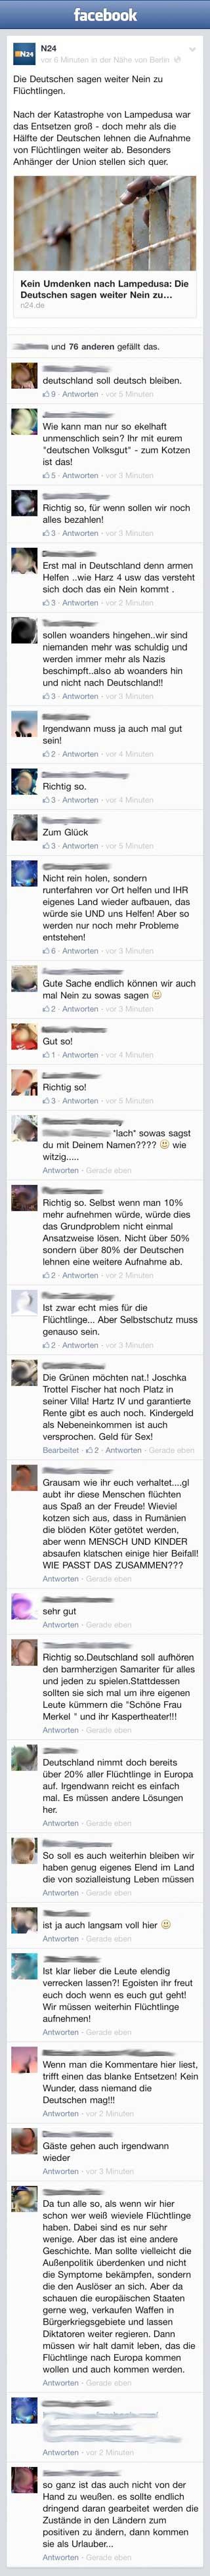 Rassistische Kommentare auf Facebook